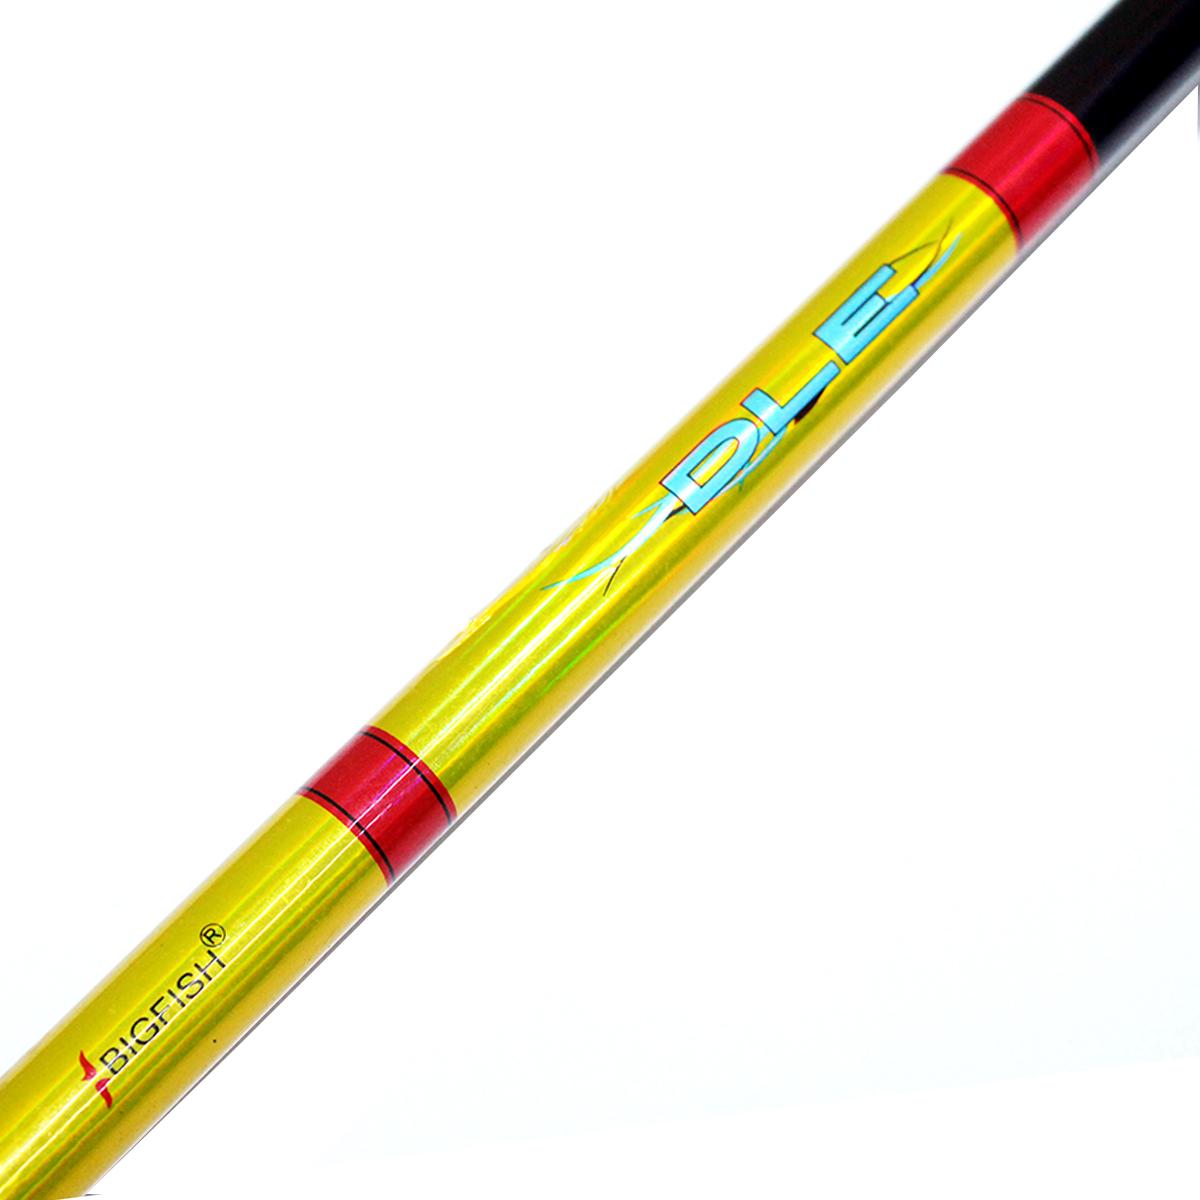 Cần Câu Máy Hai Khúc Đặc Màu Vàng DLE 2m4 - Cần Câu Phổ Thông